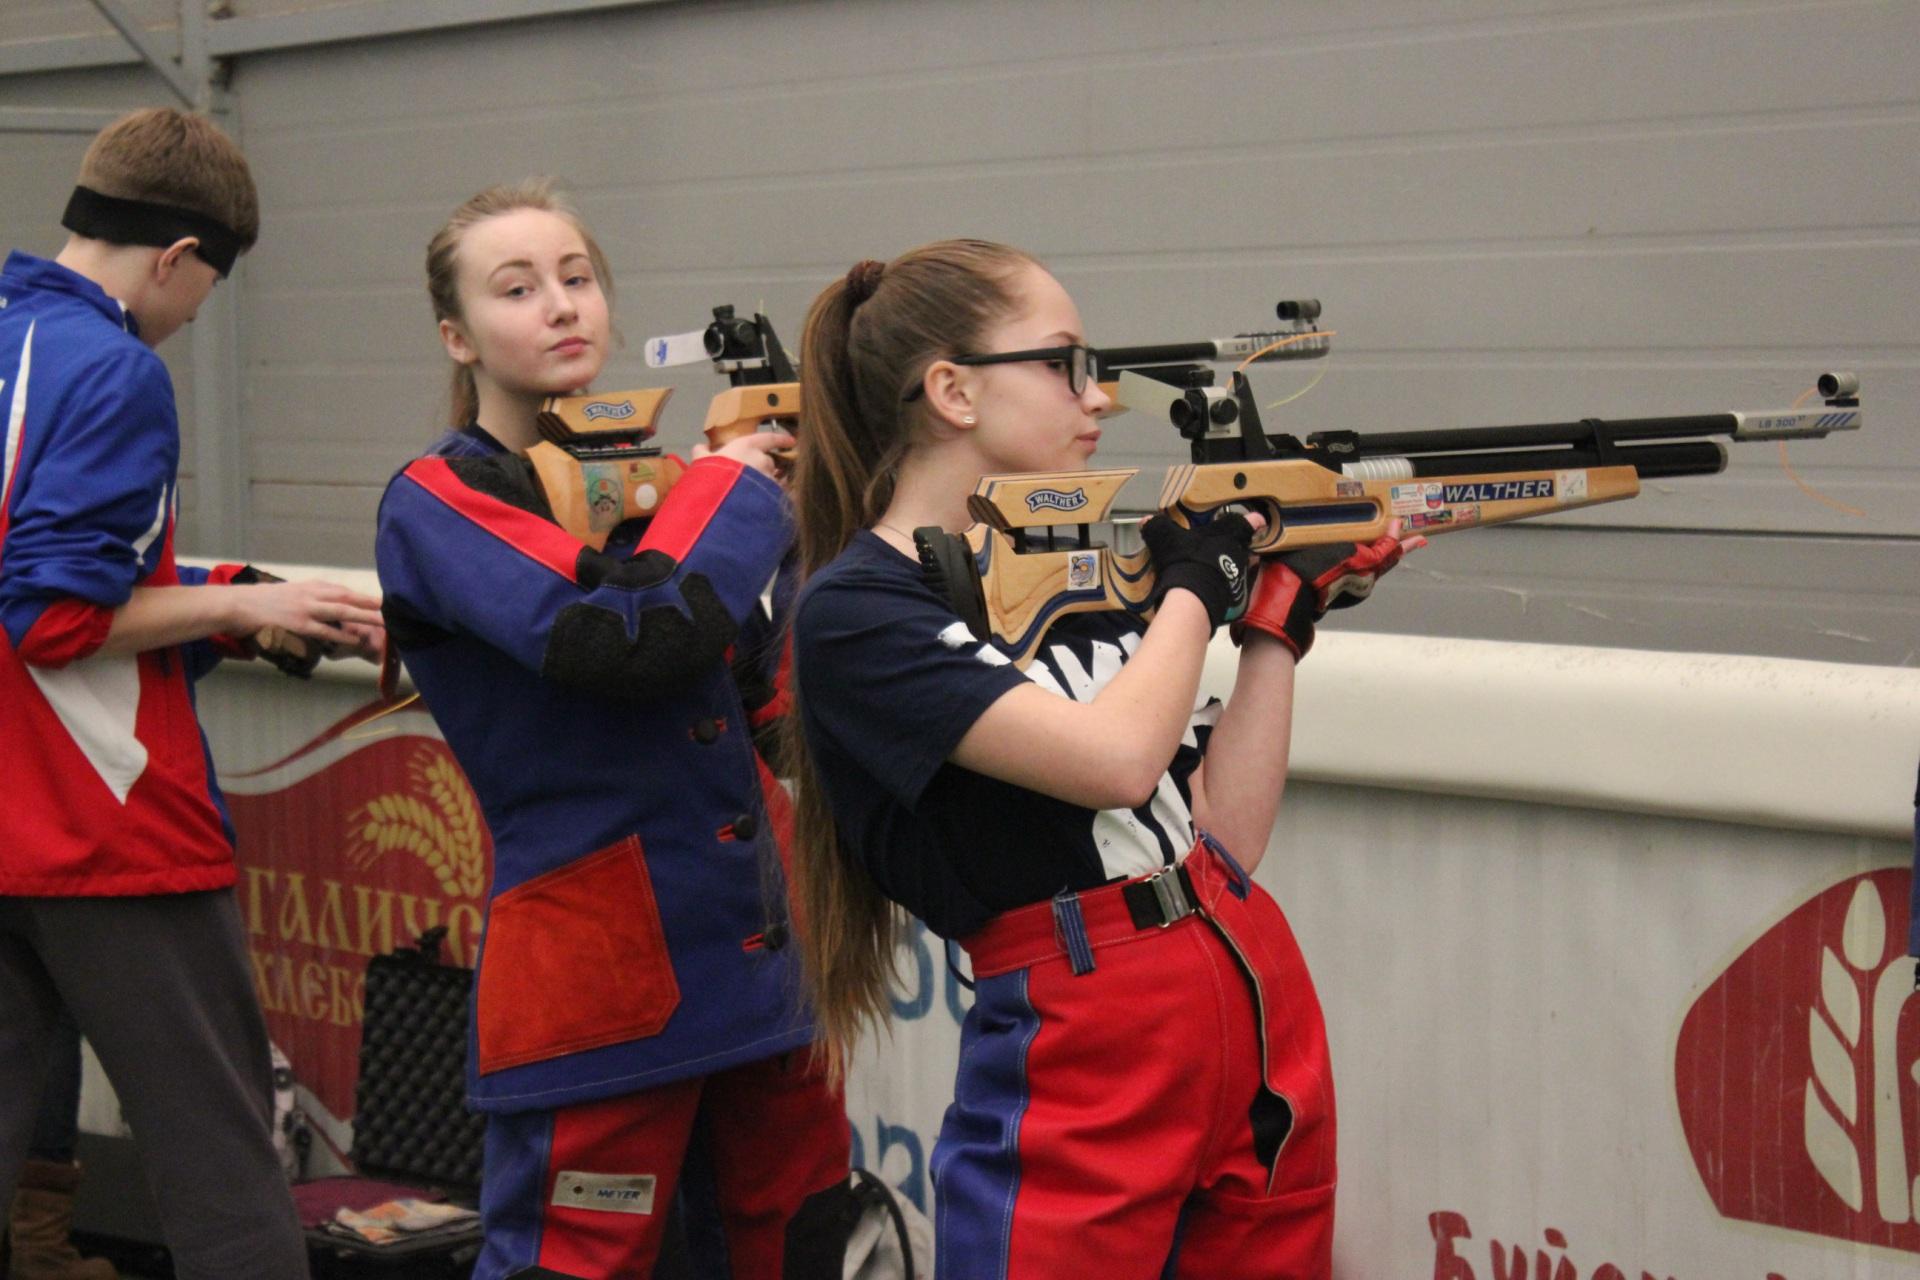 Юные стрелки из Коми завоевали первые золотые медали на соревнованиях в Костроме